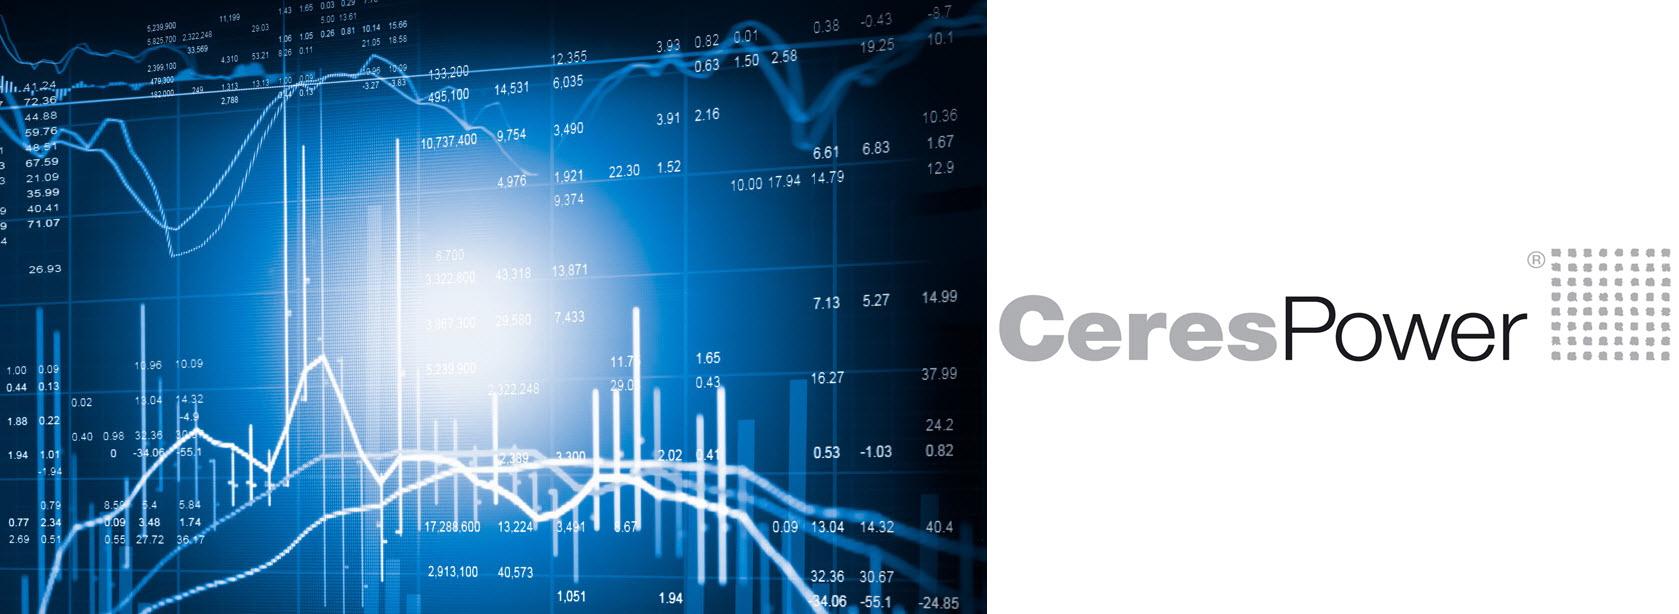 Ceres Financials